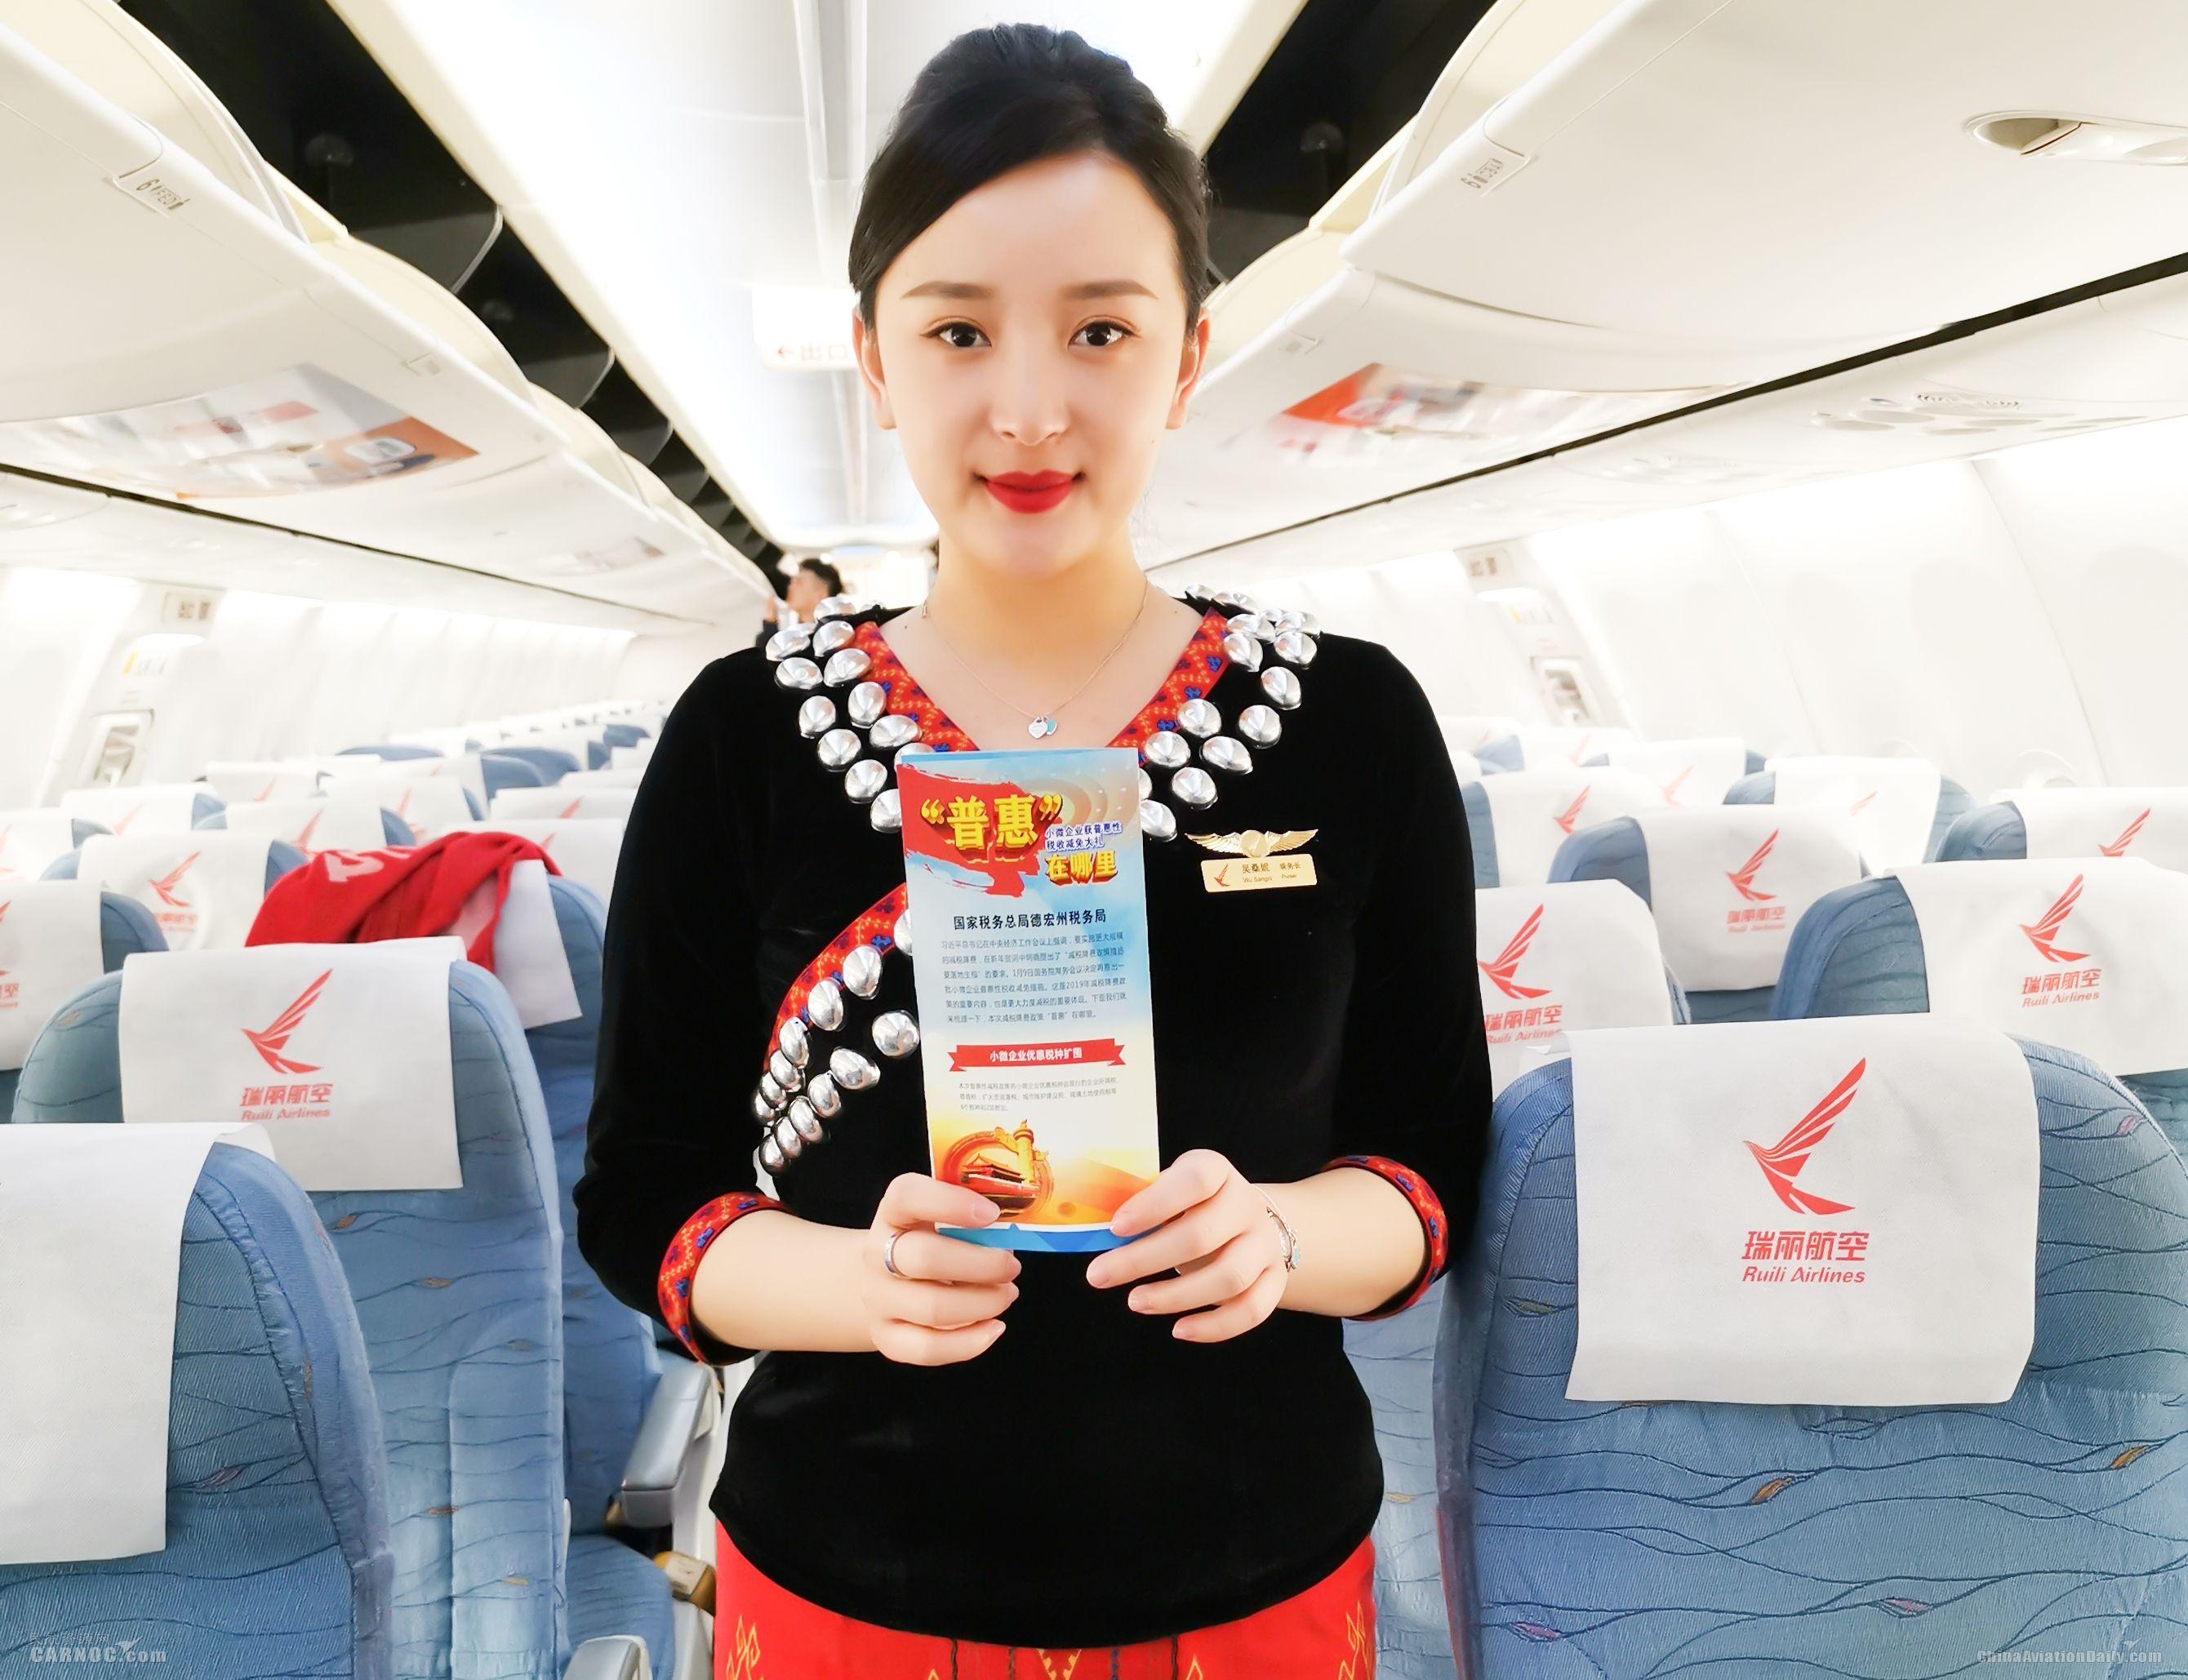 瑞丽航空开展税收宣传月活动